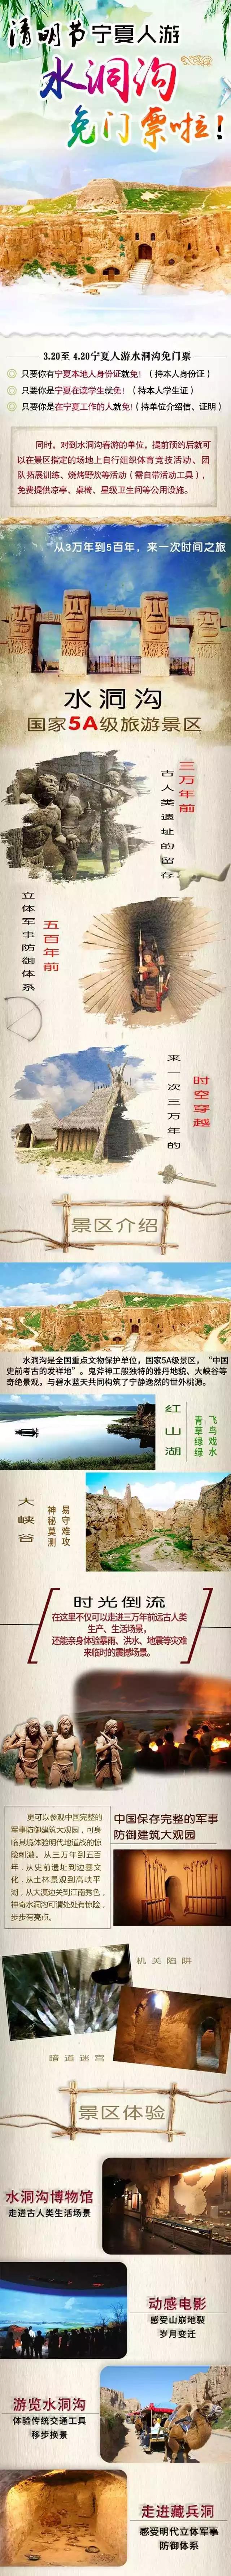 宁夏水洞沟2017清明节活动